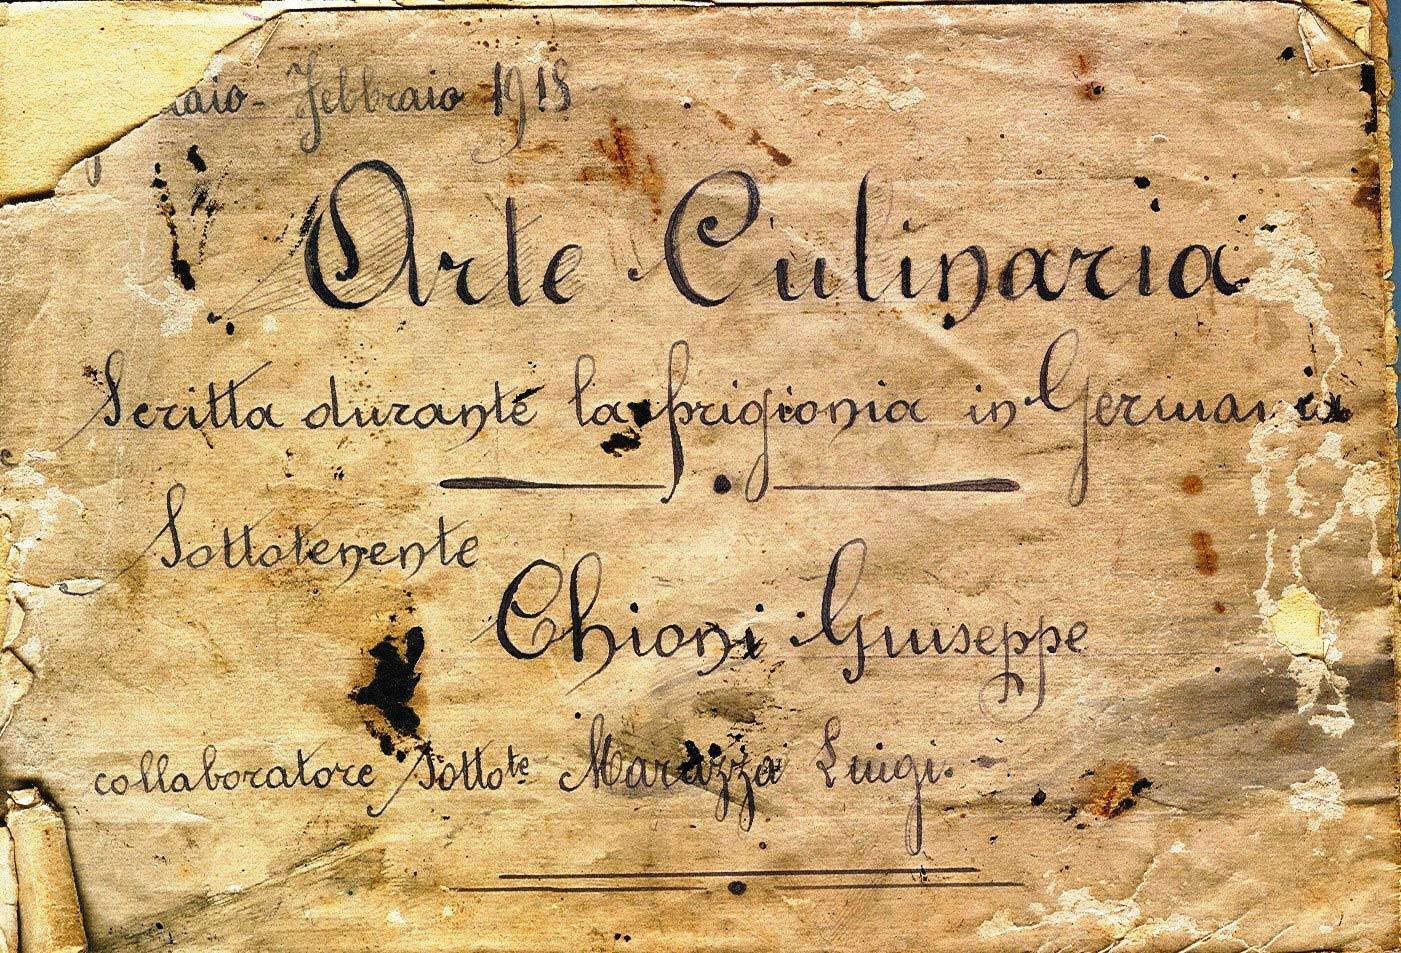 Ricettario-Chioni-da-campo-concentramento-CELLELAGER1918